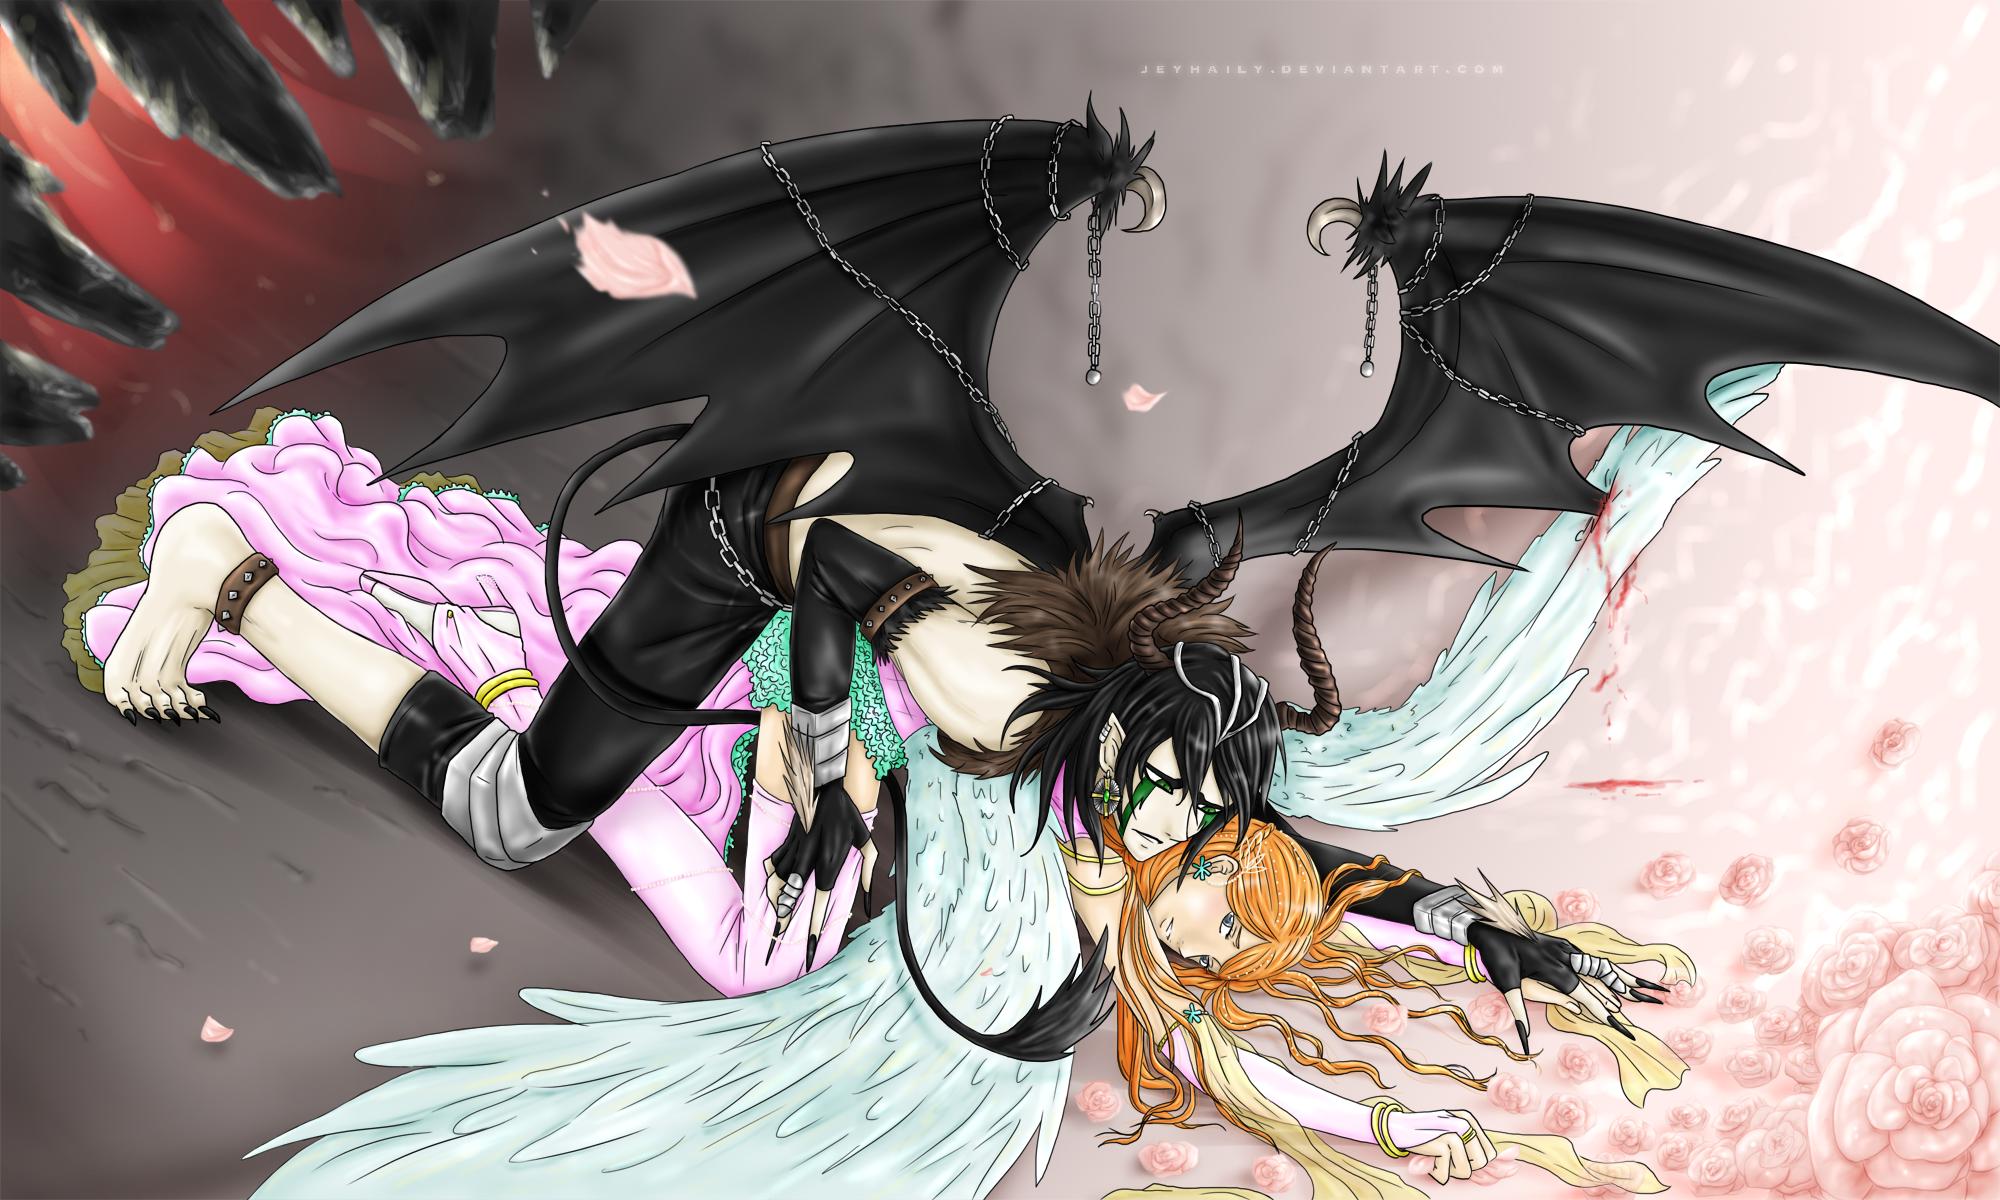 картинки аниме девушек демонов красивых